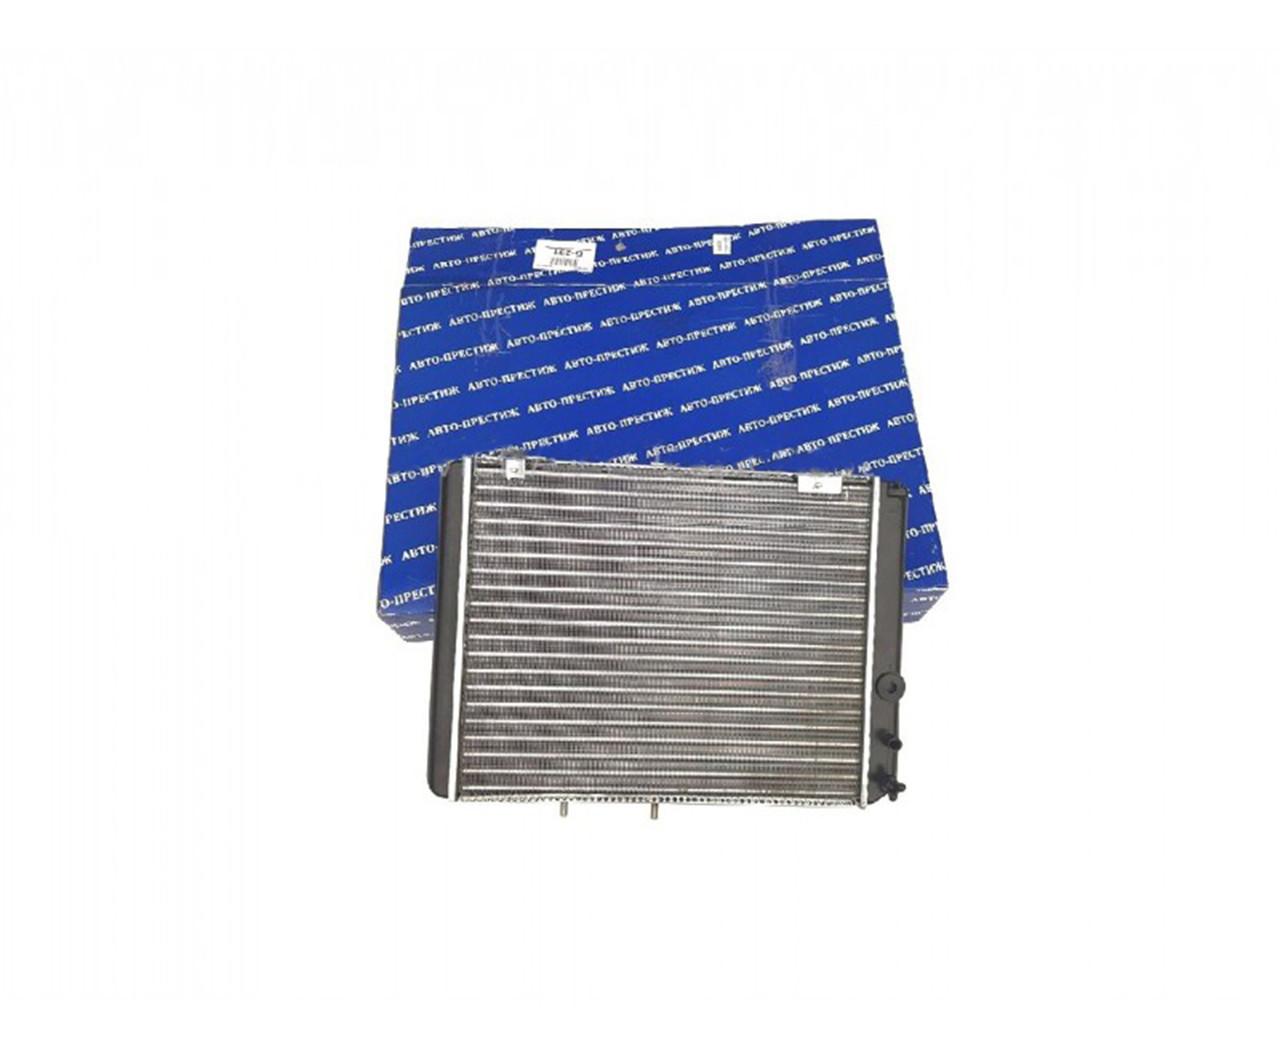 Радиатор охлаждения Москвич 2141 Авто-Престиж